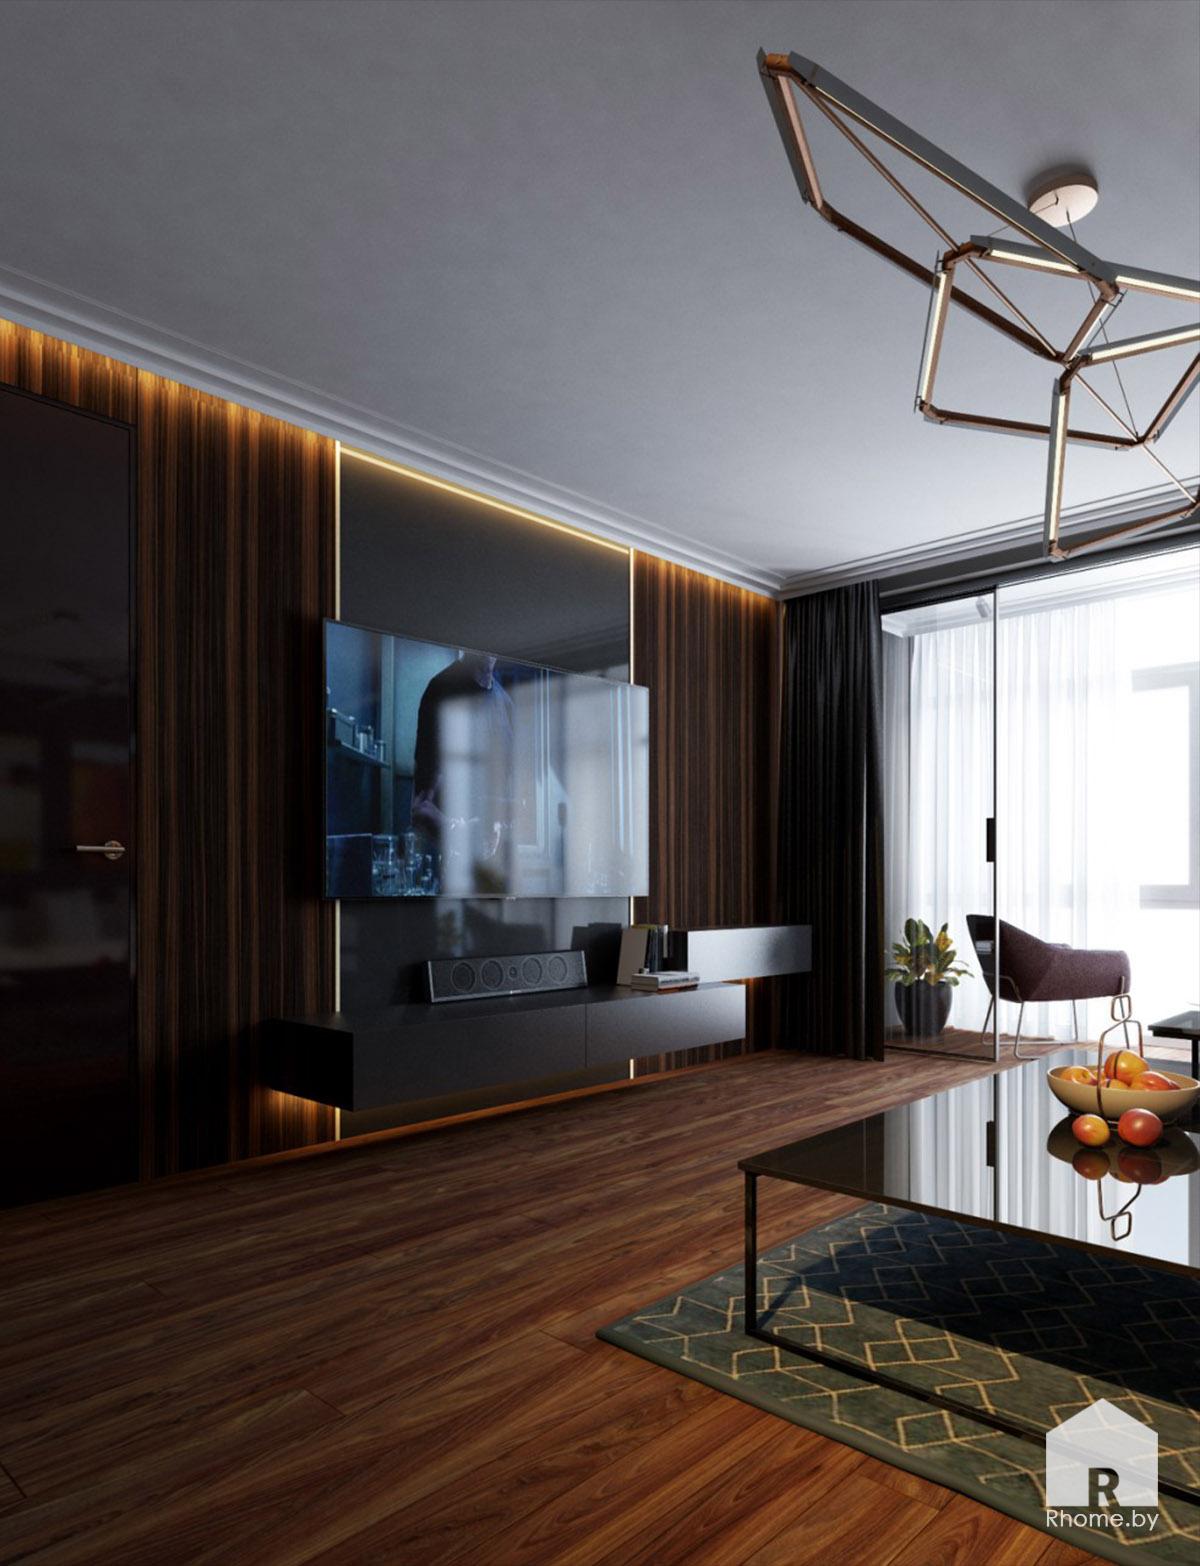 Дизайн гостиной в Борисове в темных тонах | Дизайн студия – Rhome.by